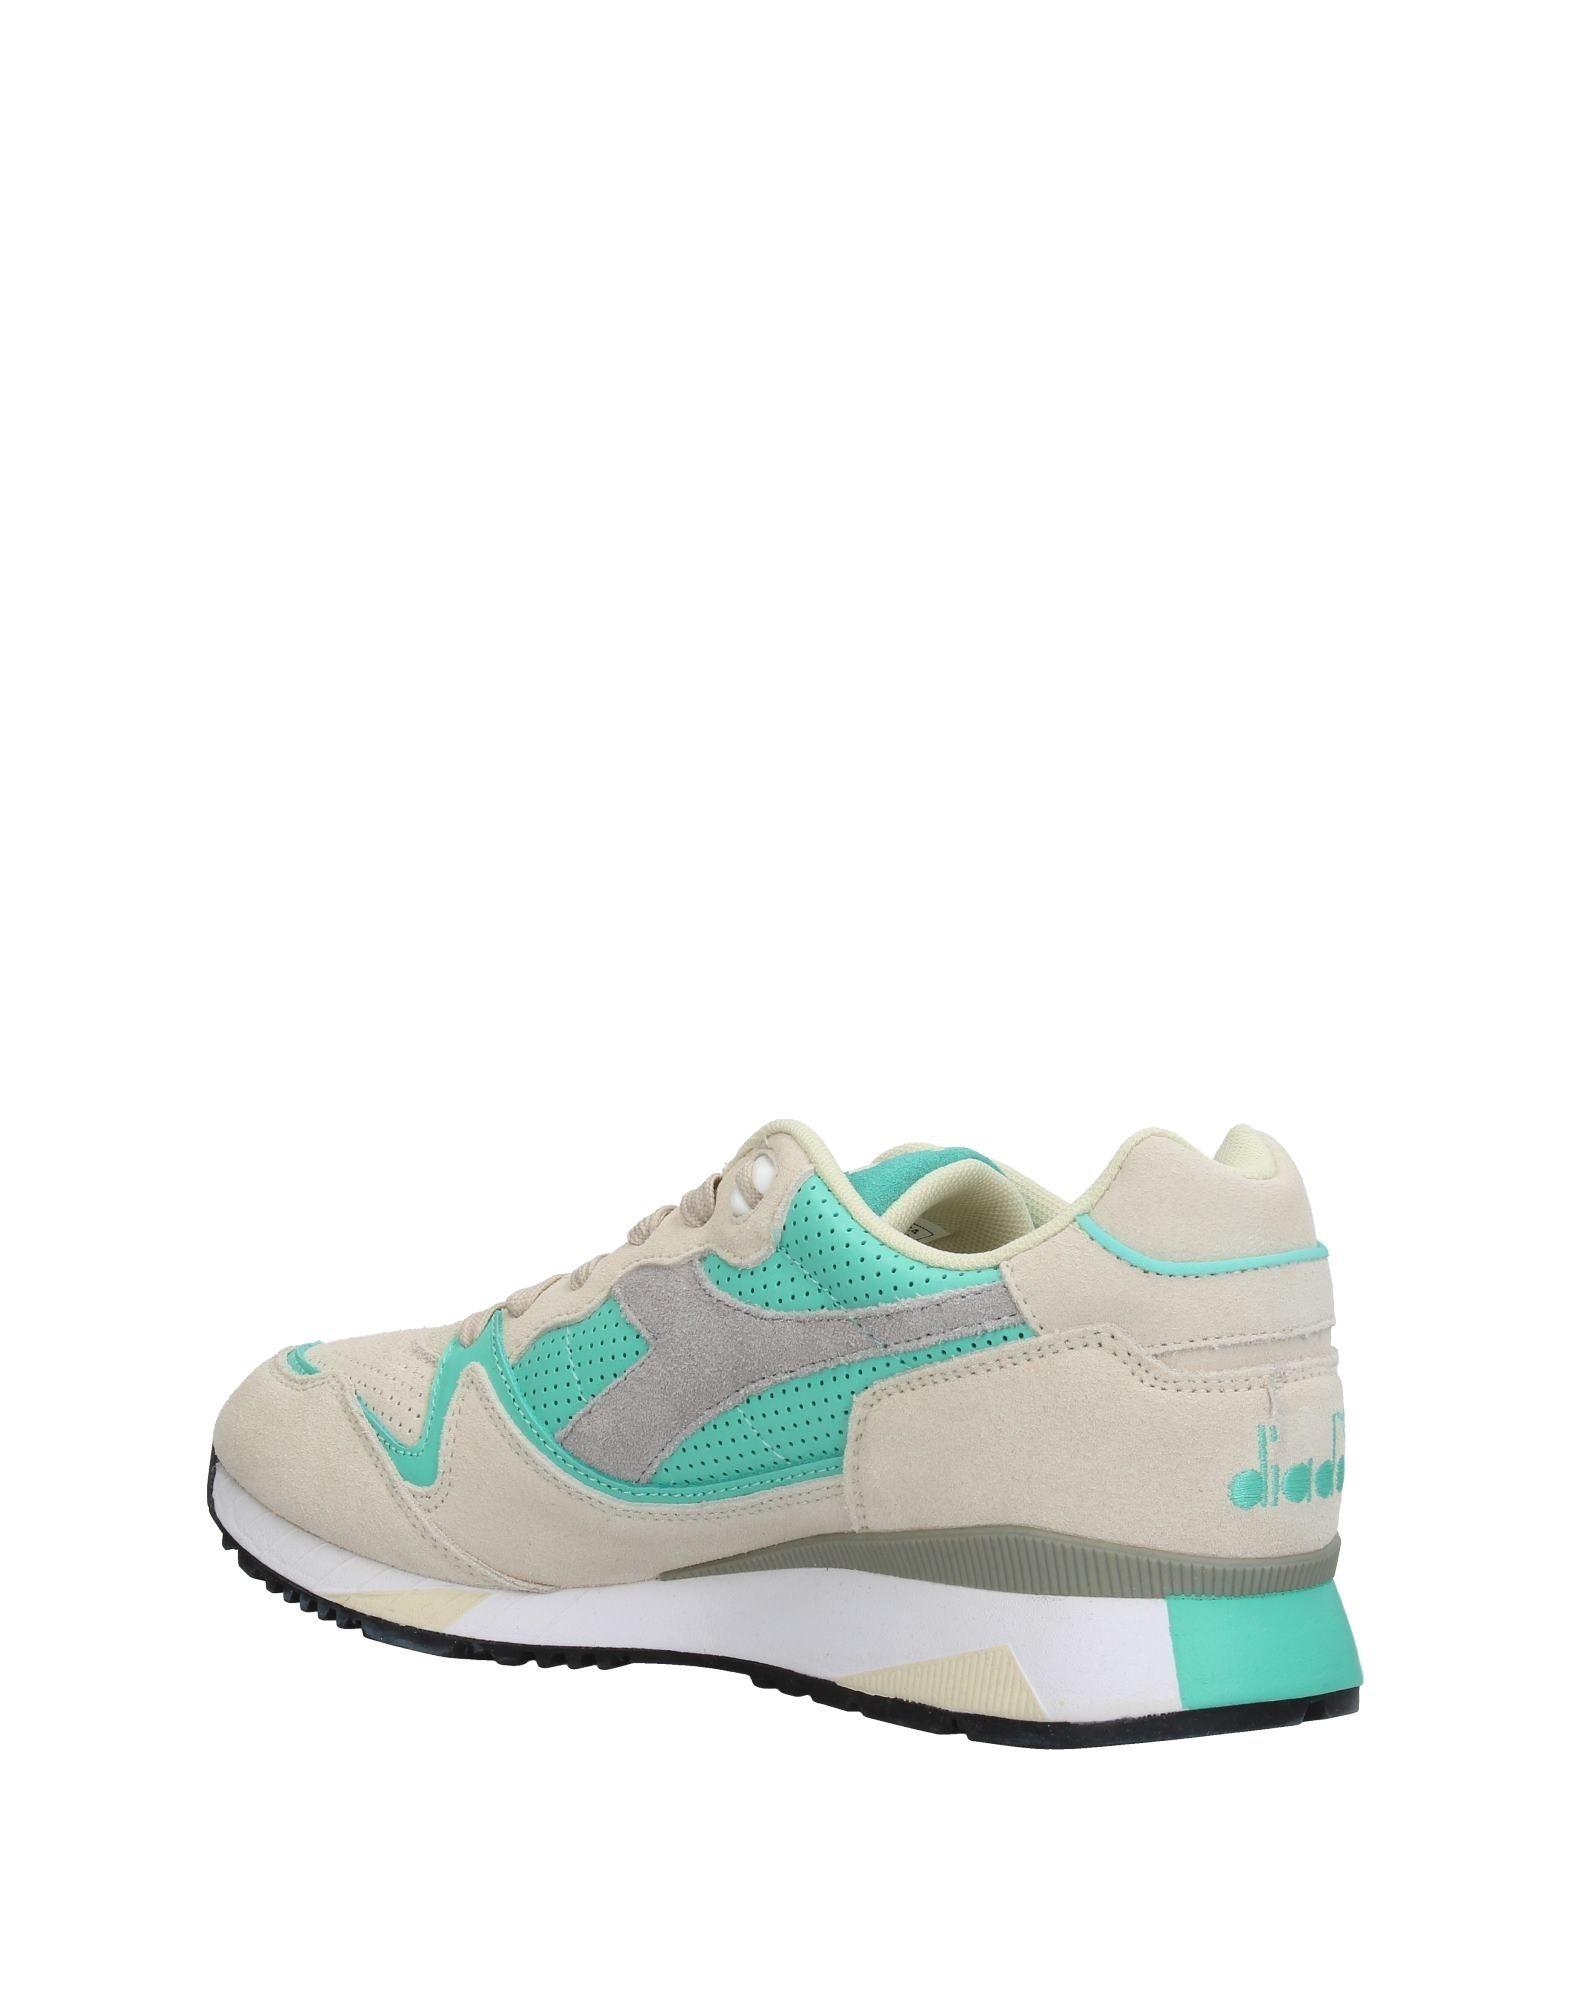 Rabatt Schuhe echte Schuhe Rabatt Diadora Turnschuhes Herren 11371841PT b37d34